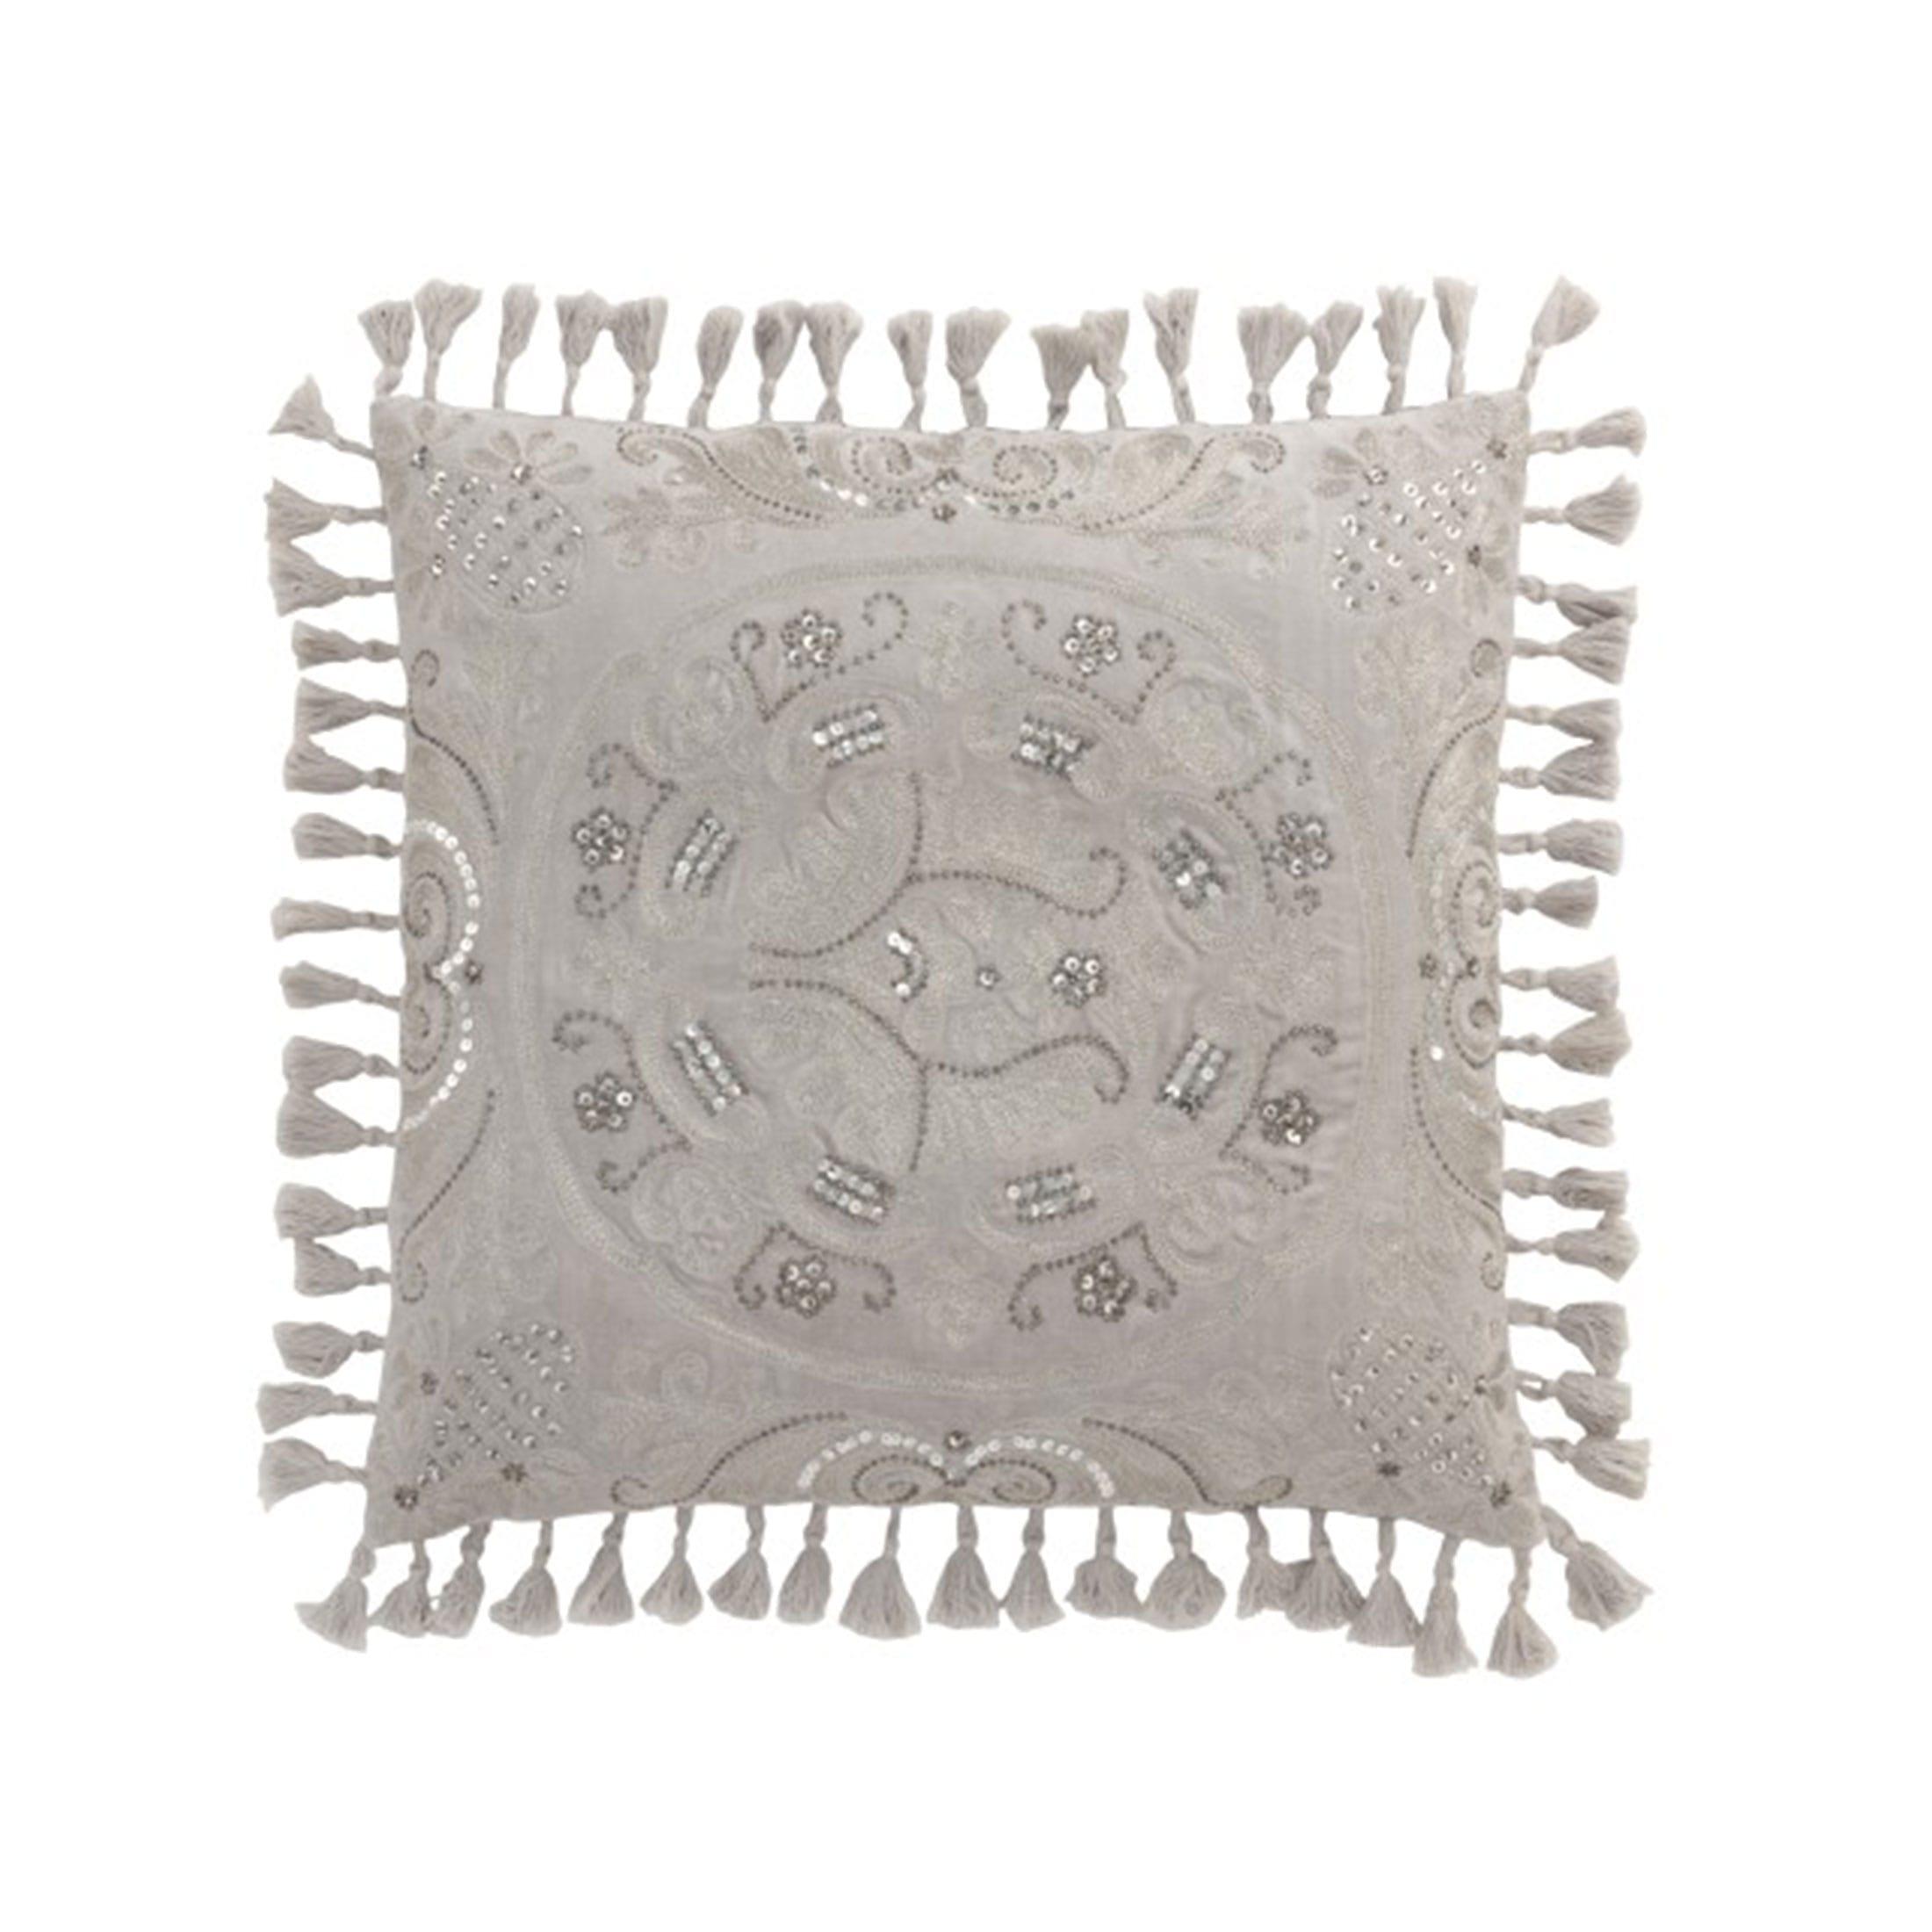 Marokkanisches Kissen aus Velours in 45x45 cm von der Marke J-Line. Das orientalische Kissen ist sehr weich und schmückt das Zuhause im marokkanischen Stil